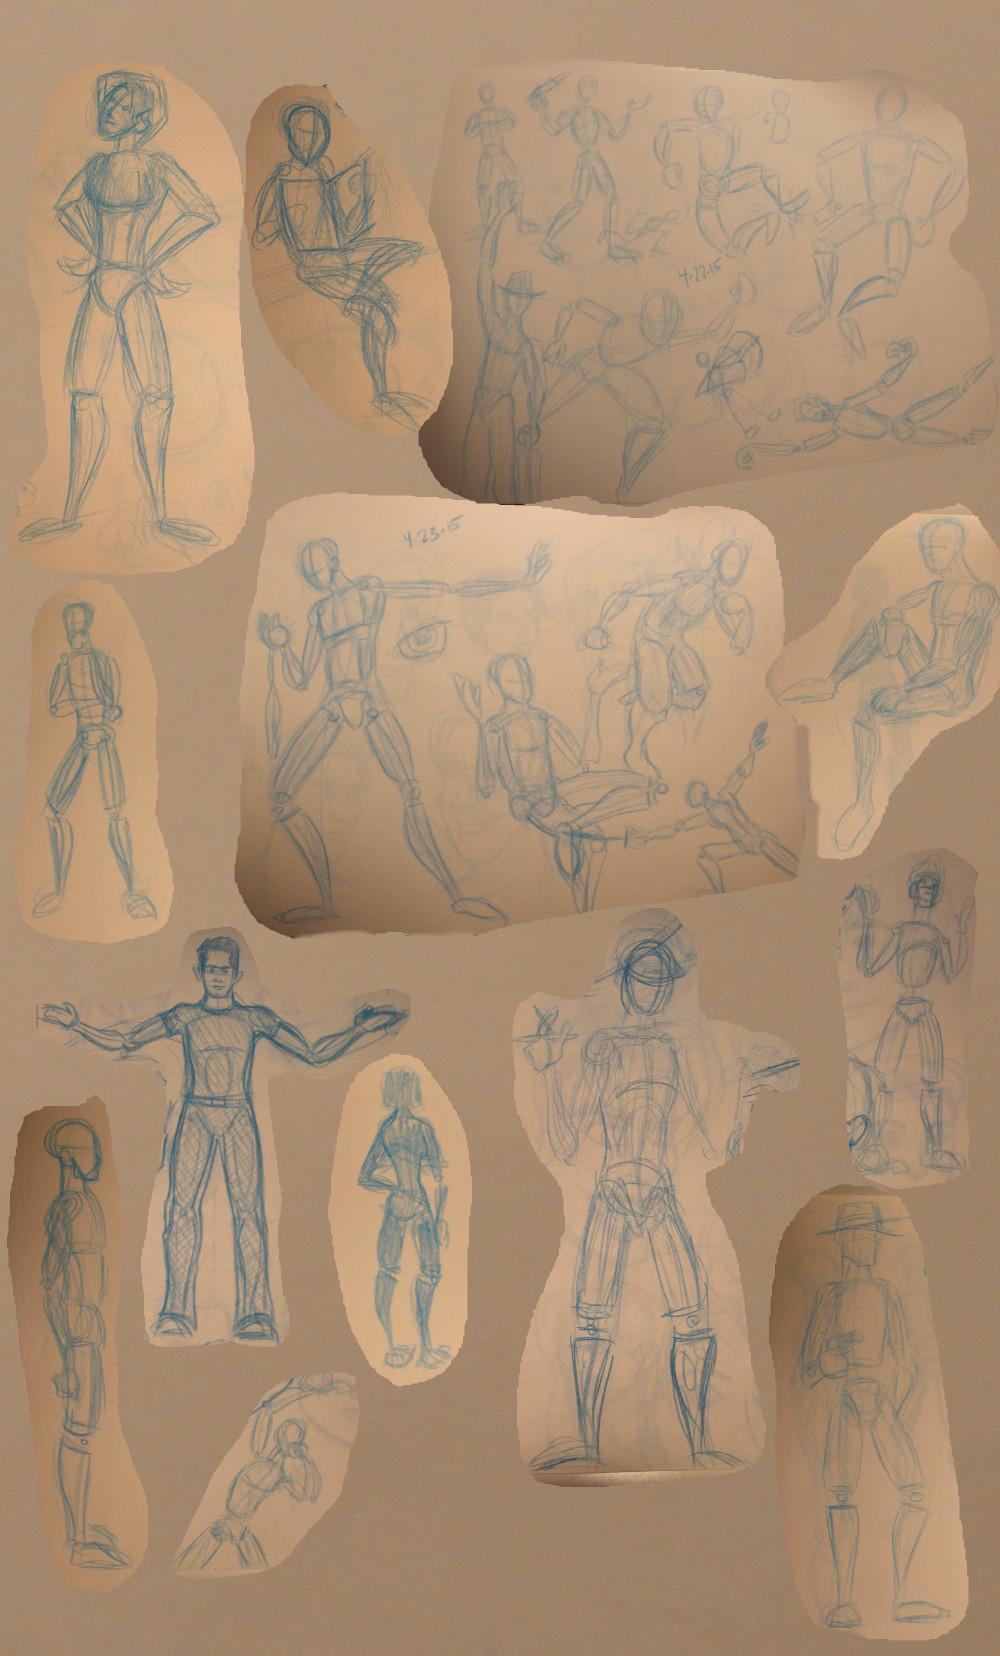 sketchdump-150502f